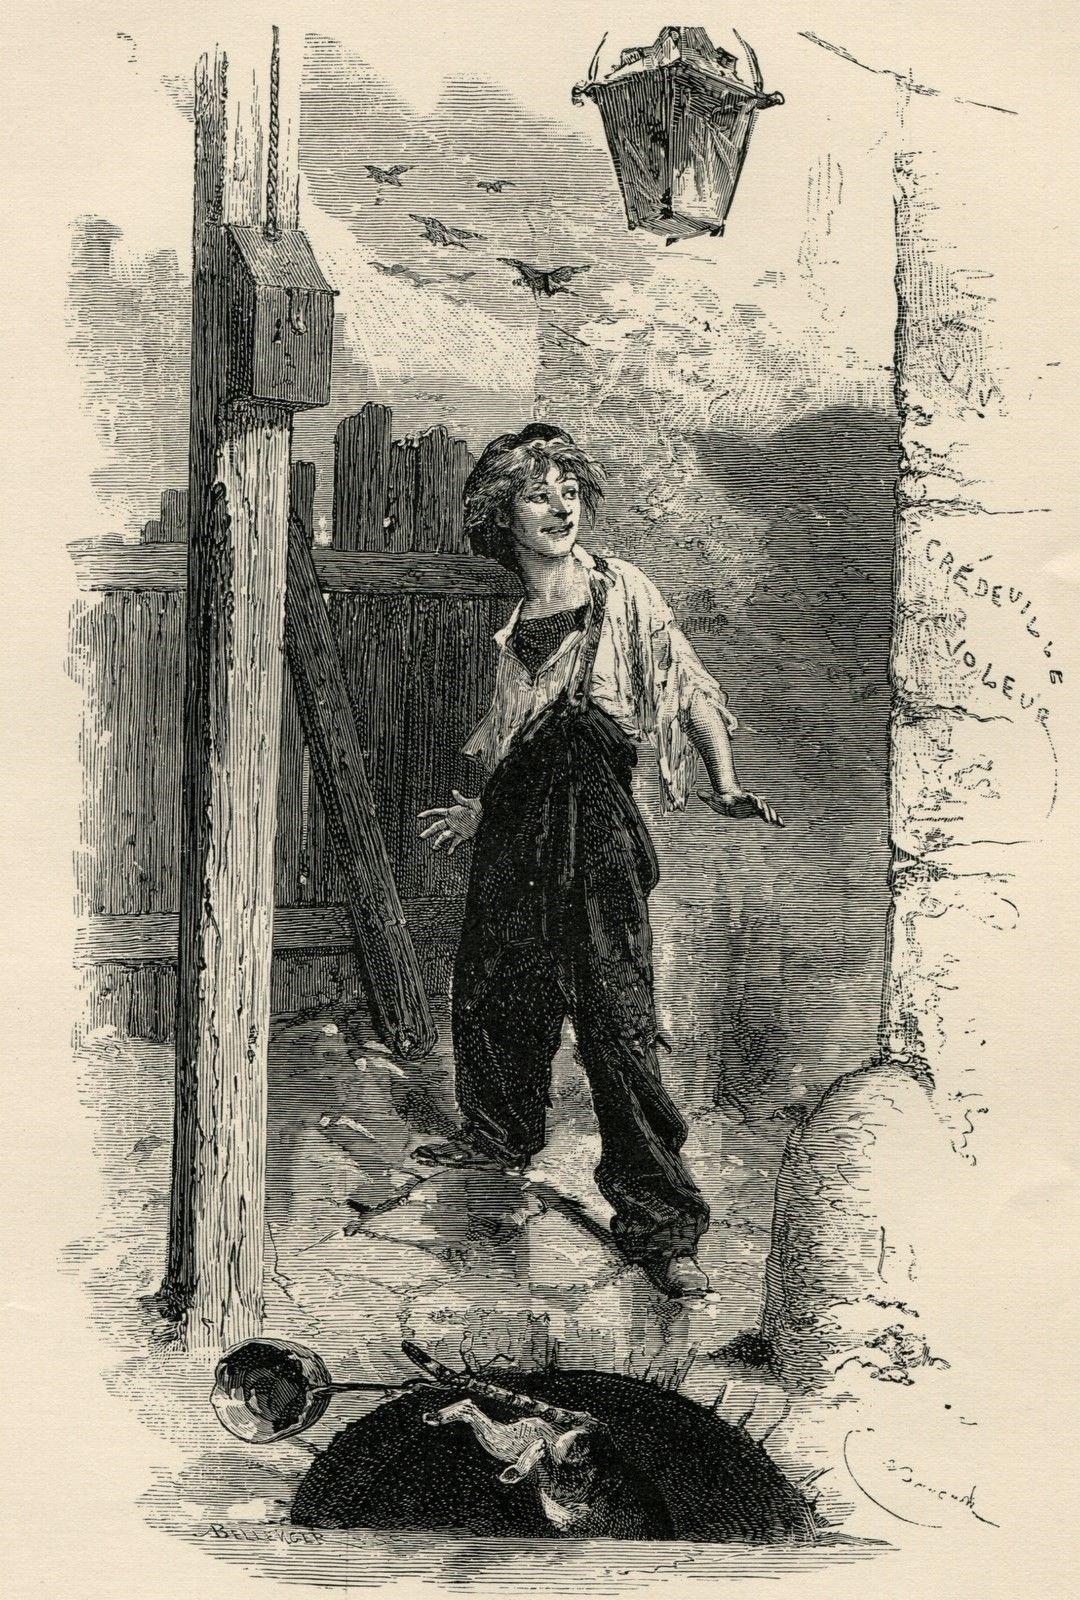 Ma vie pendant confinement by Mikołaj Sodzawiczny - Ourboox.com